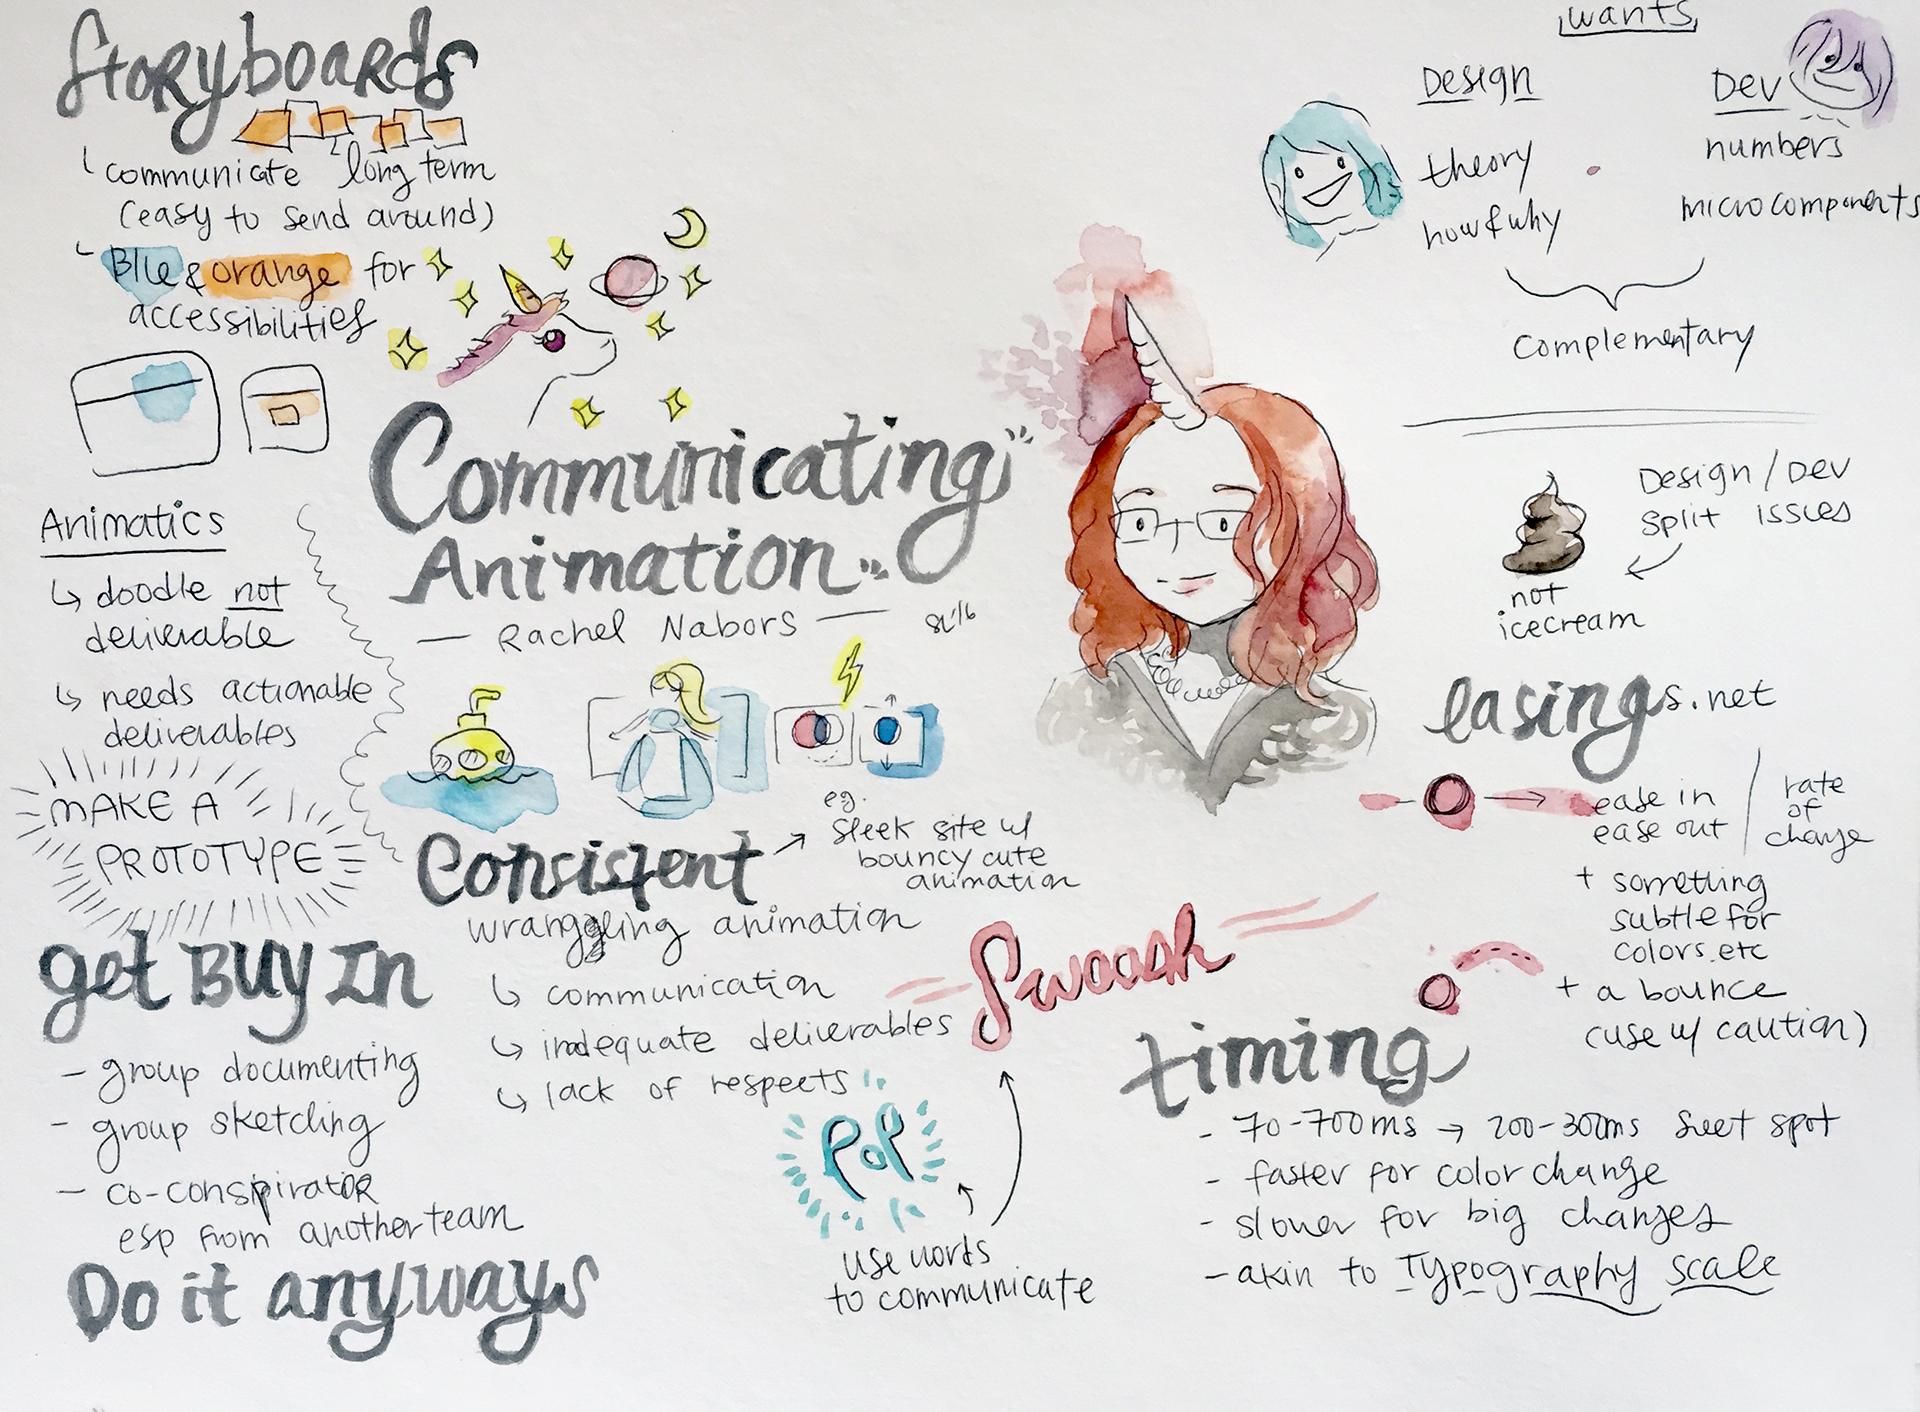 Communicating Animation